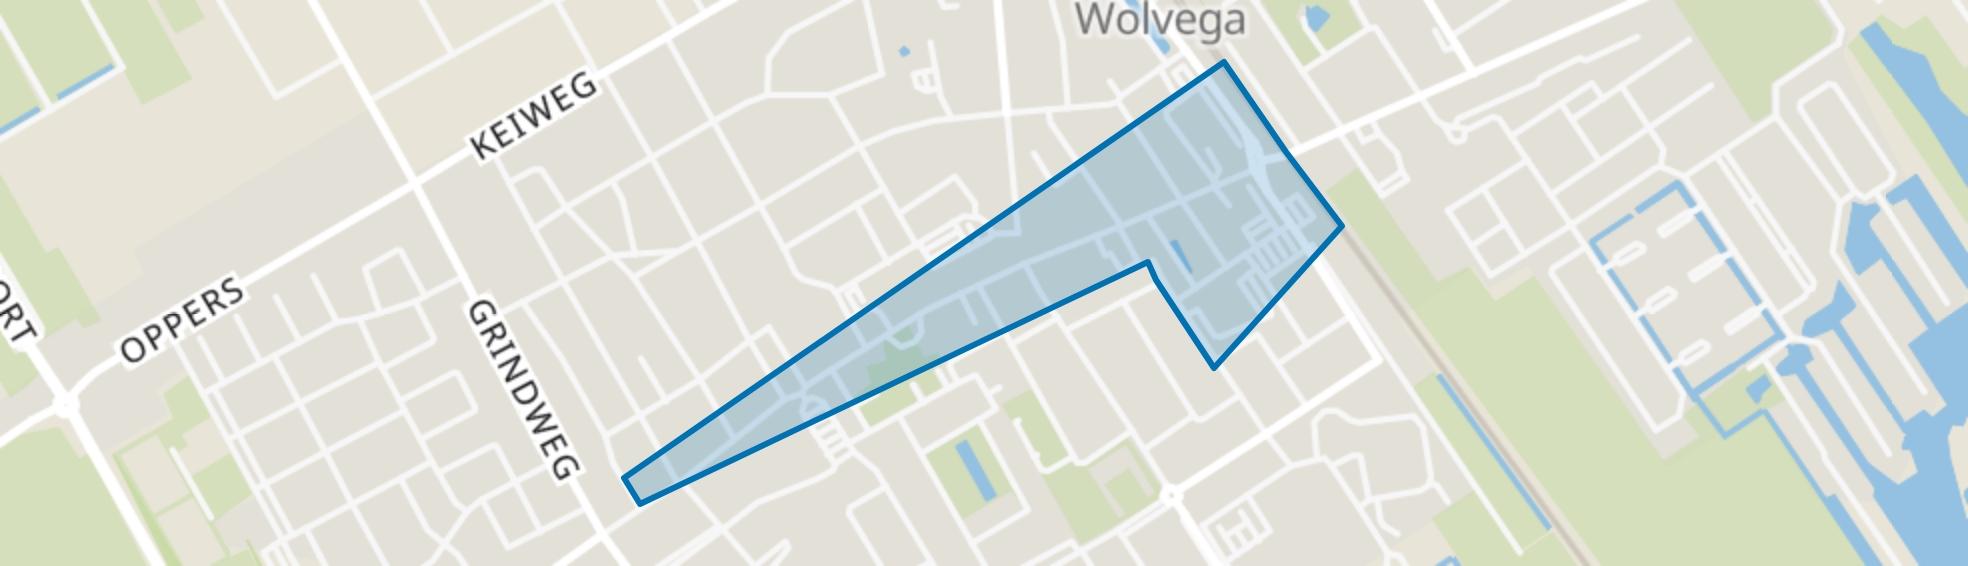 Wolvega-Centrum, Wolvega map